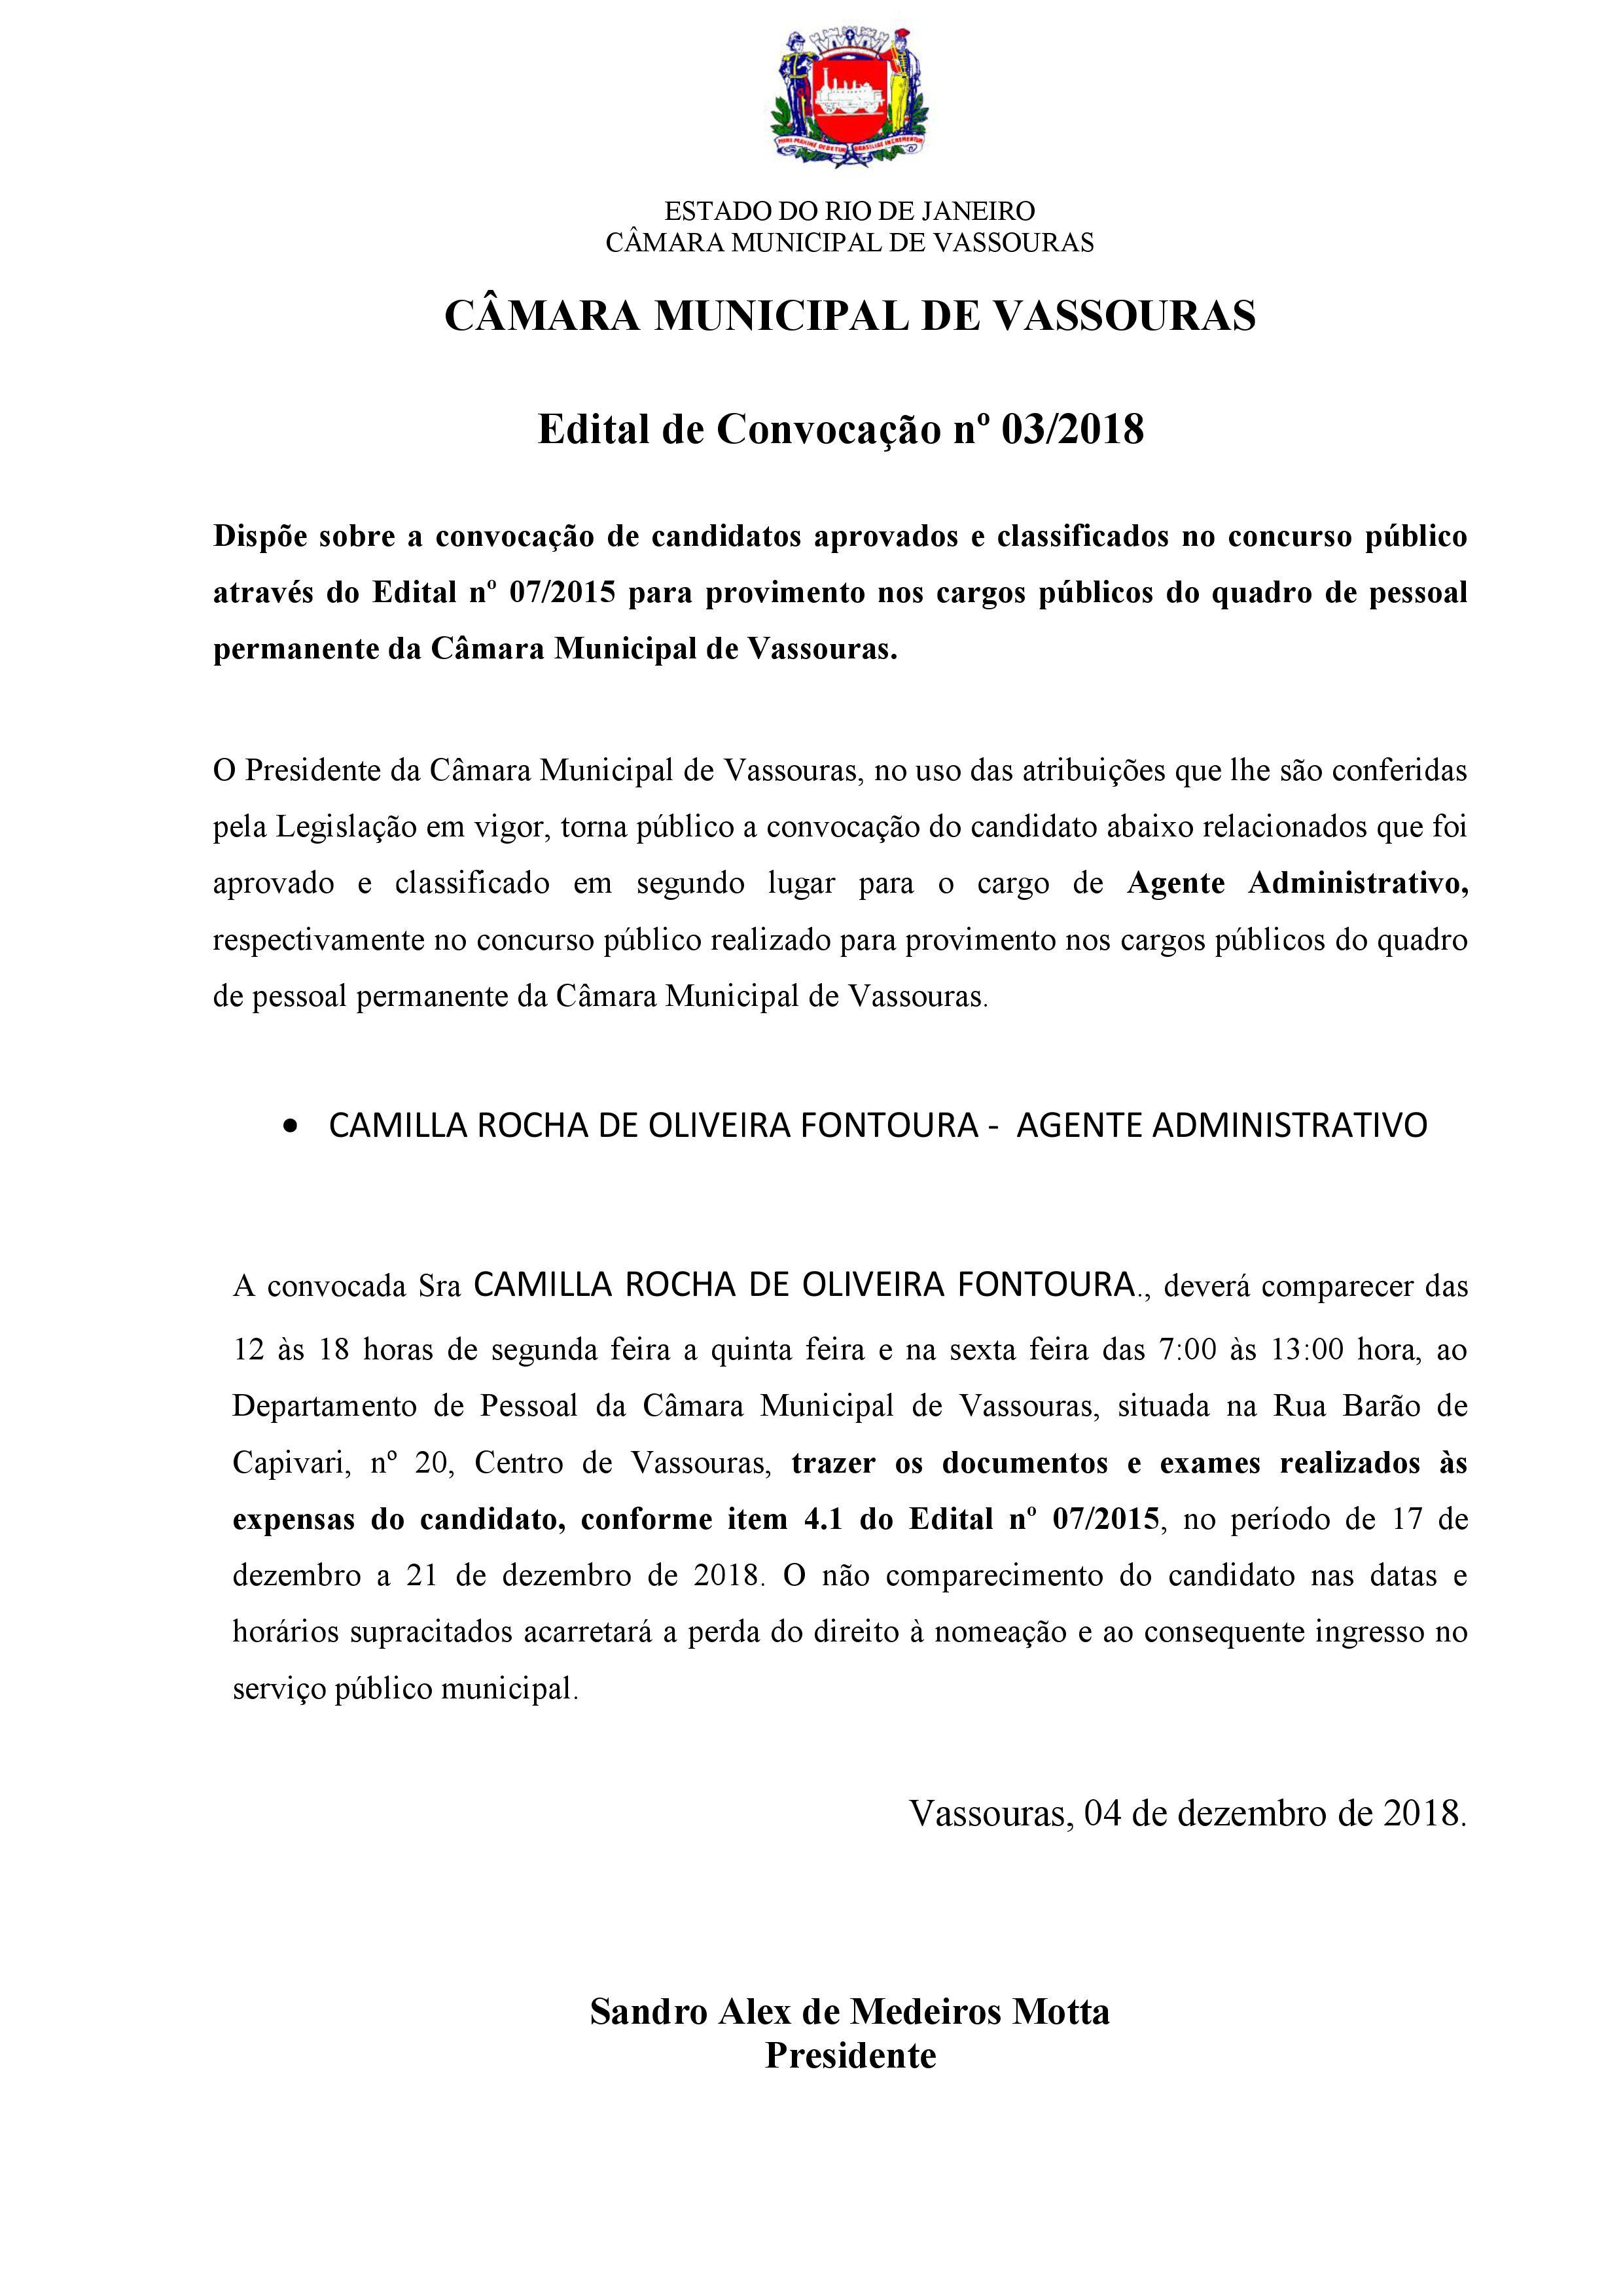 Edital de Convocação 03/2018